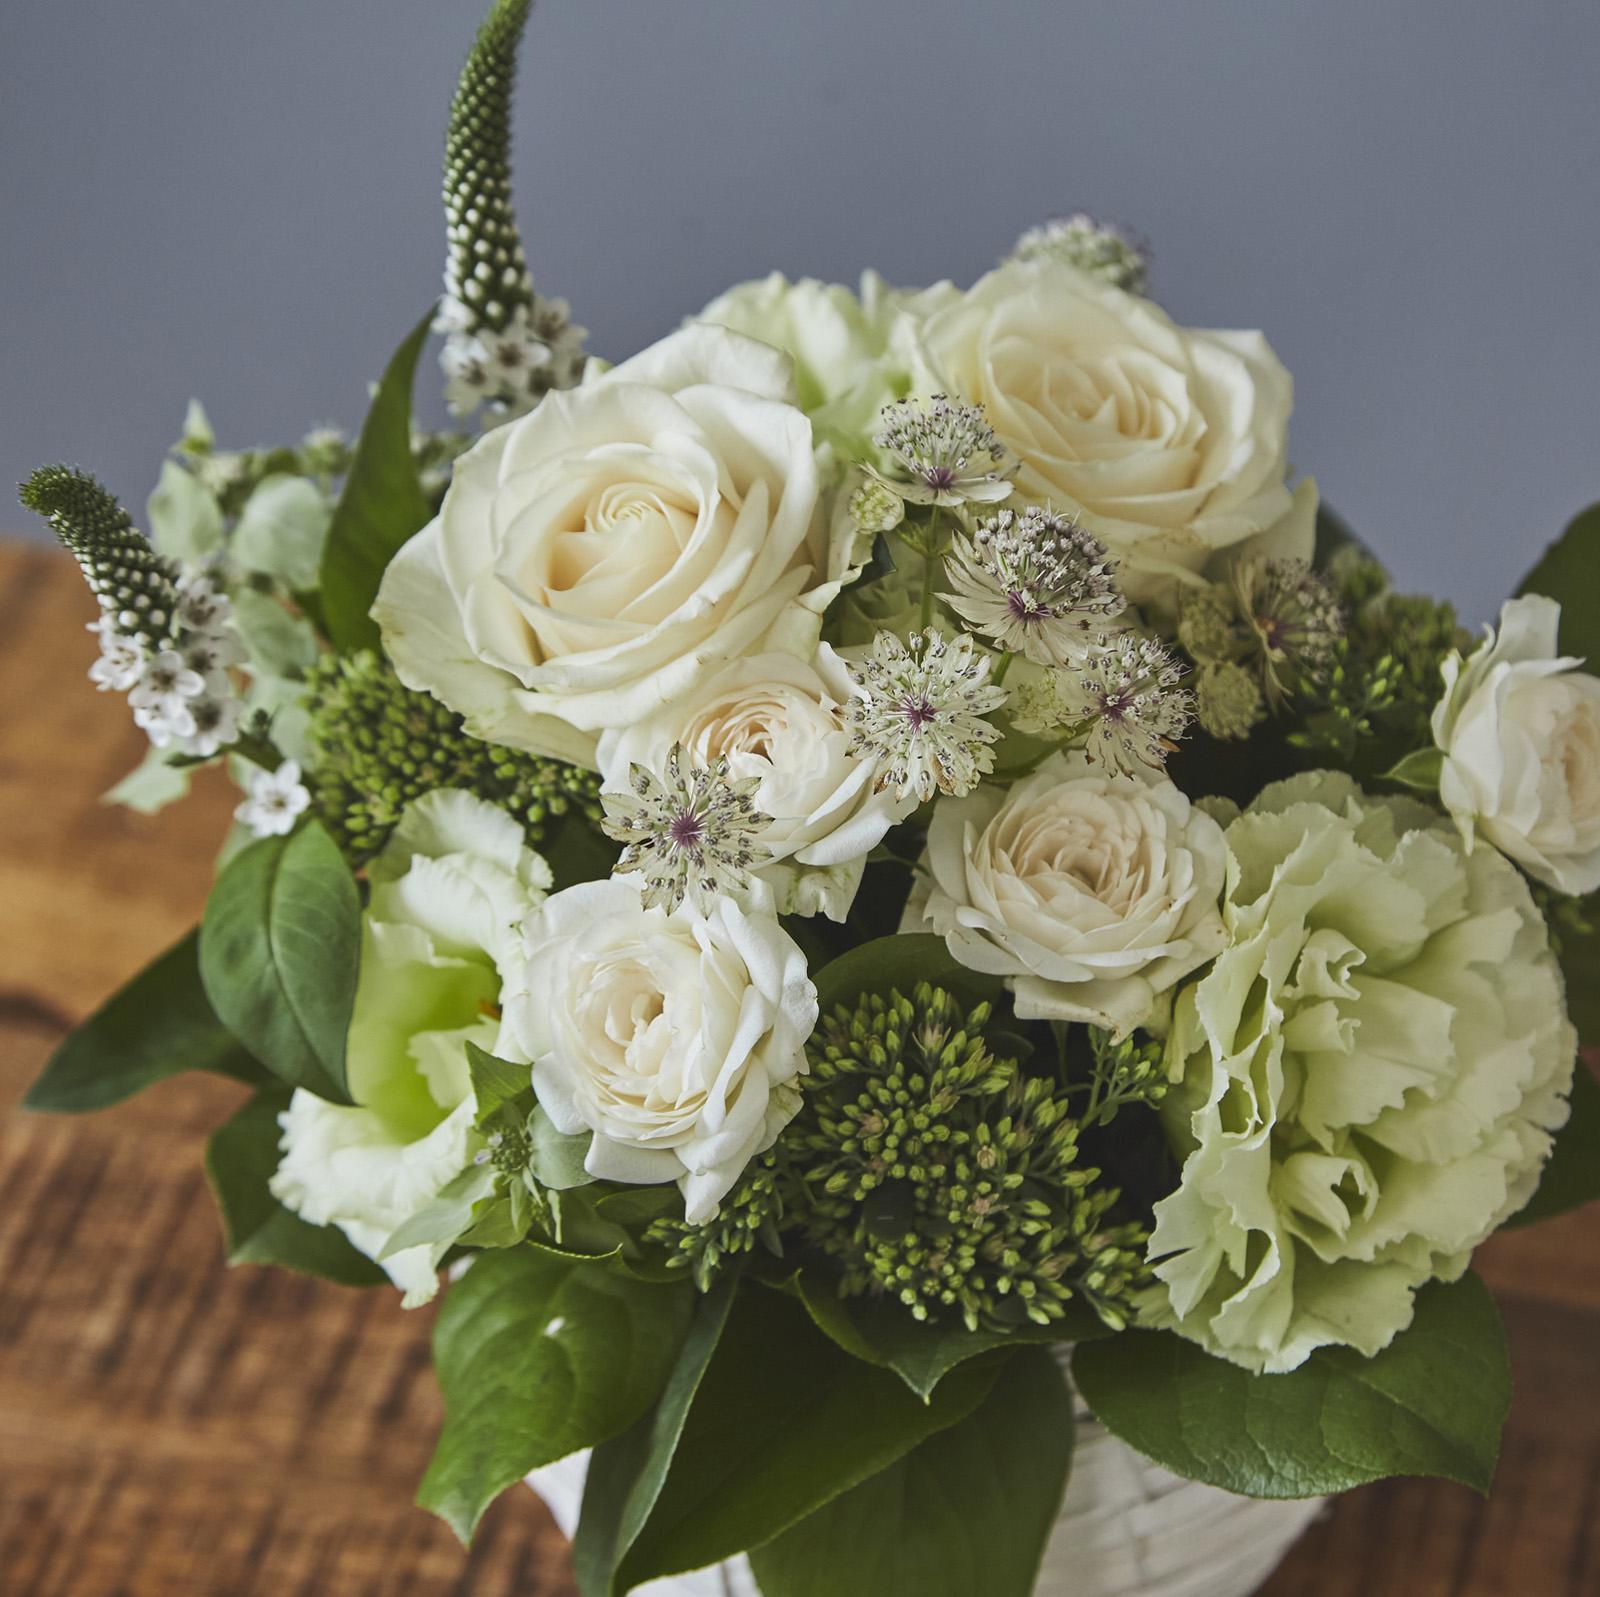 【生花アレンジメント】 ブランシュ Blanche カラー:ホワイト×グリーン